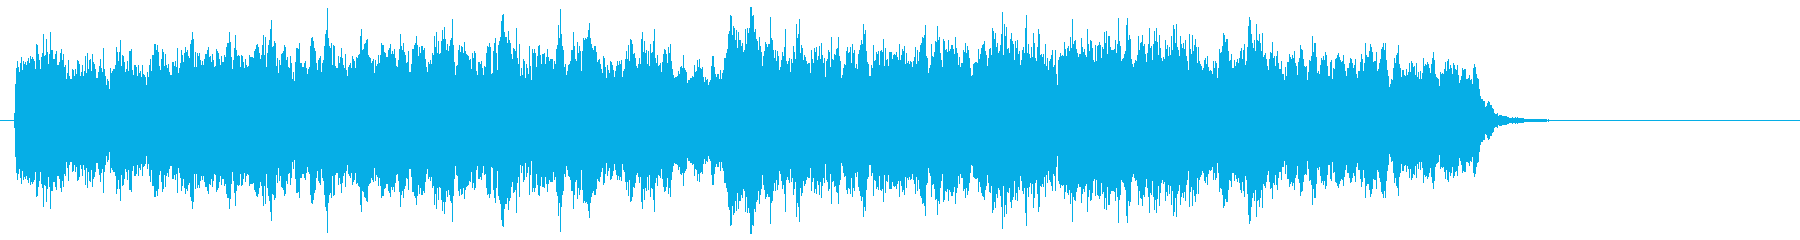 フルートとストリングスの優しいジングルの再生済みの波形